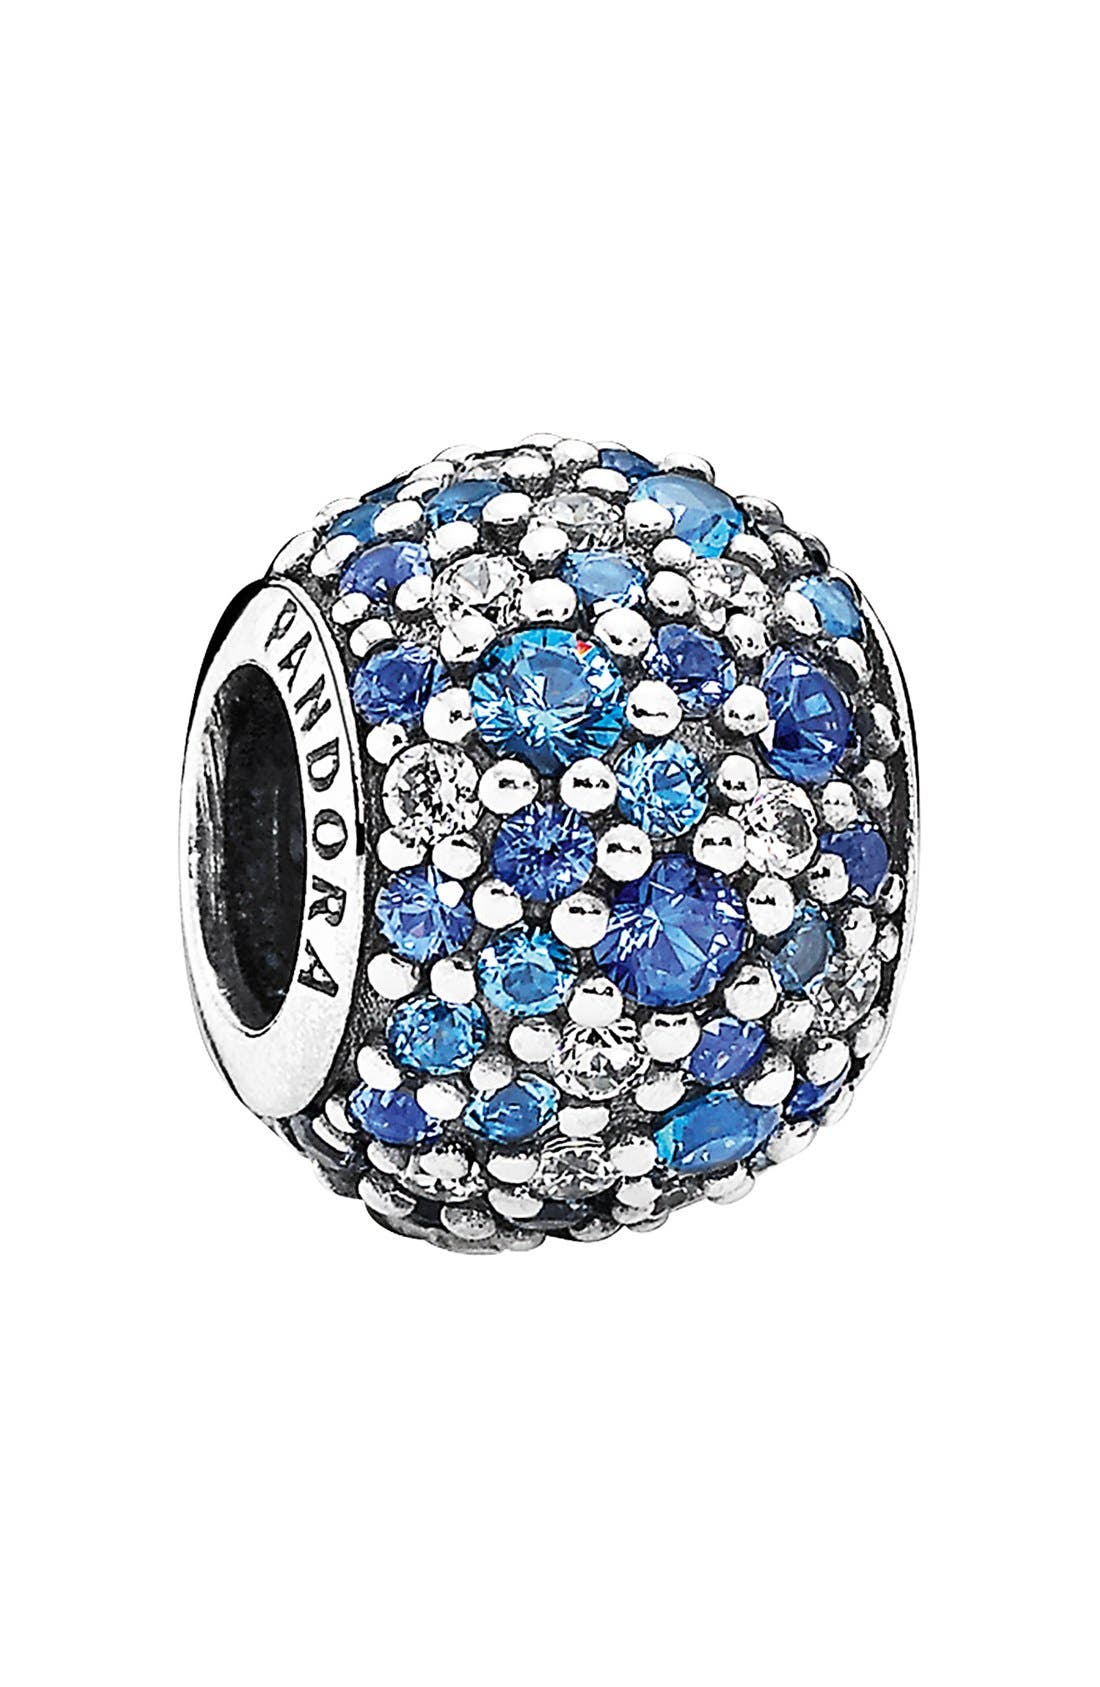 Alternate Image 1 Selected - PANDORA 'Mosaic' Pavé Bead Charm